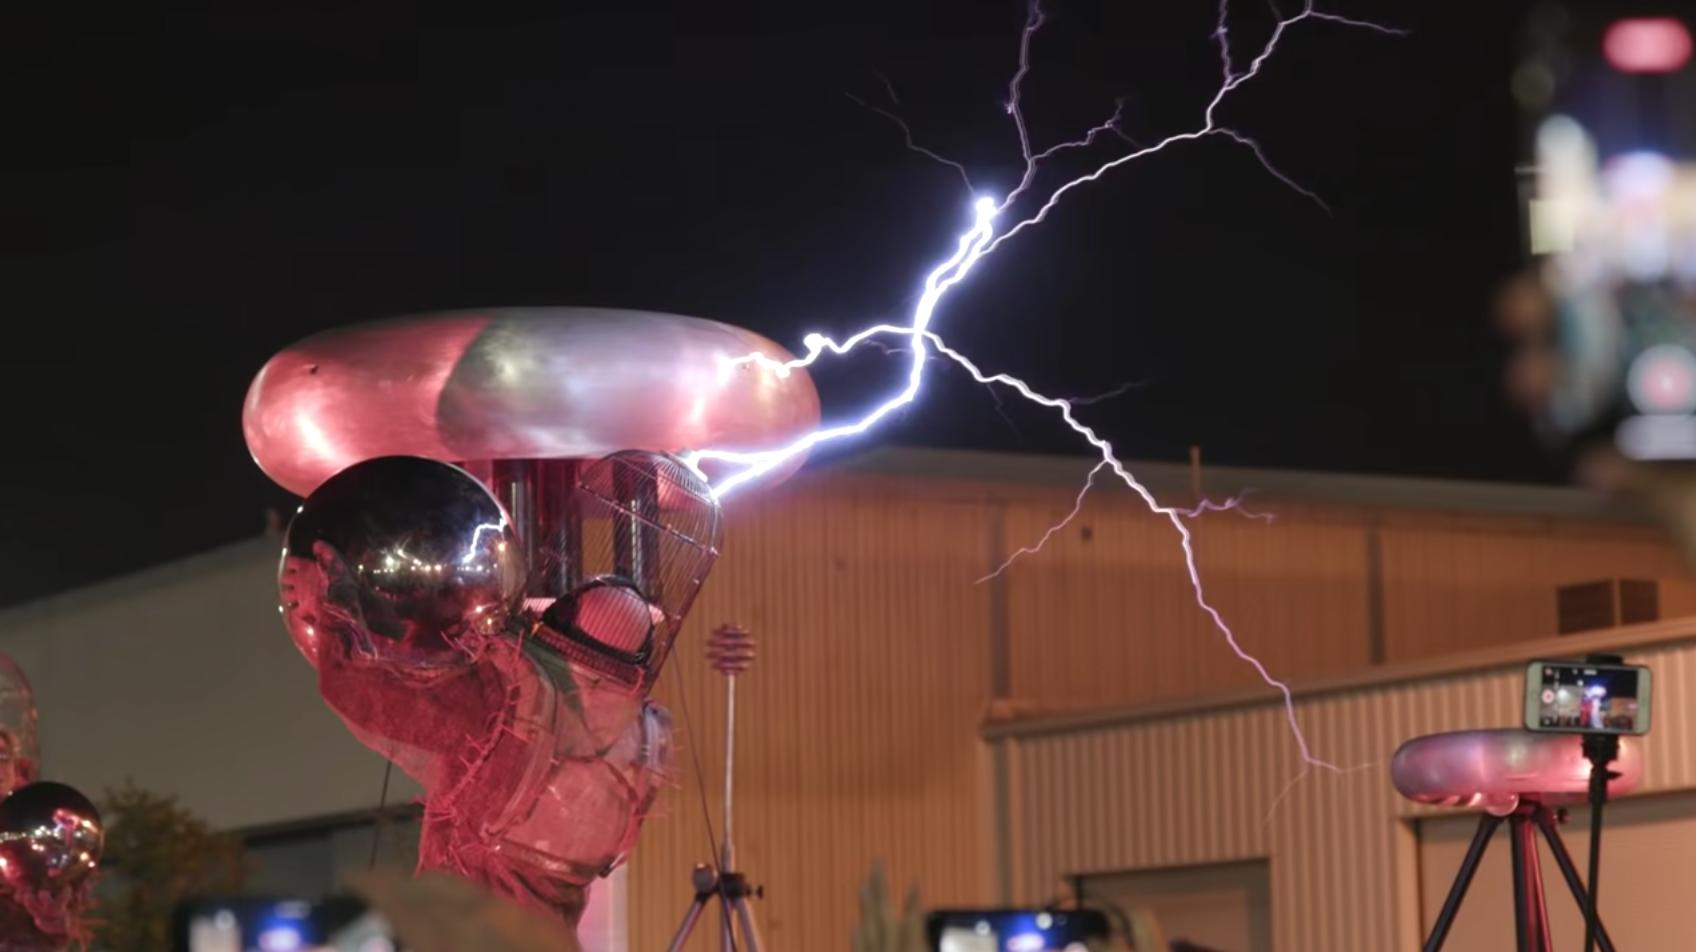 テスラ社の社名は電気技師であり物理学者である「ニコラ・テスラ」に由来する